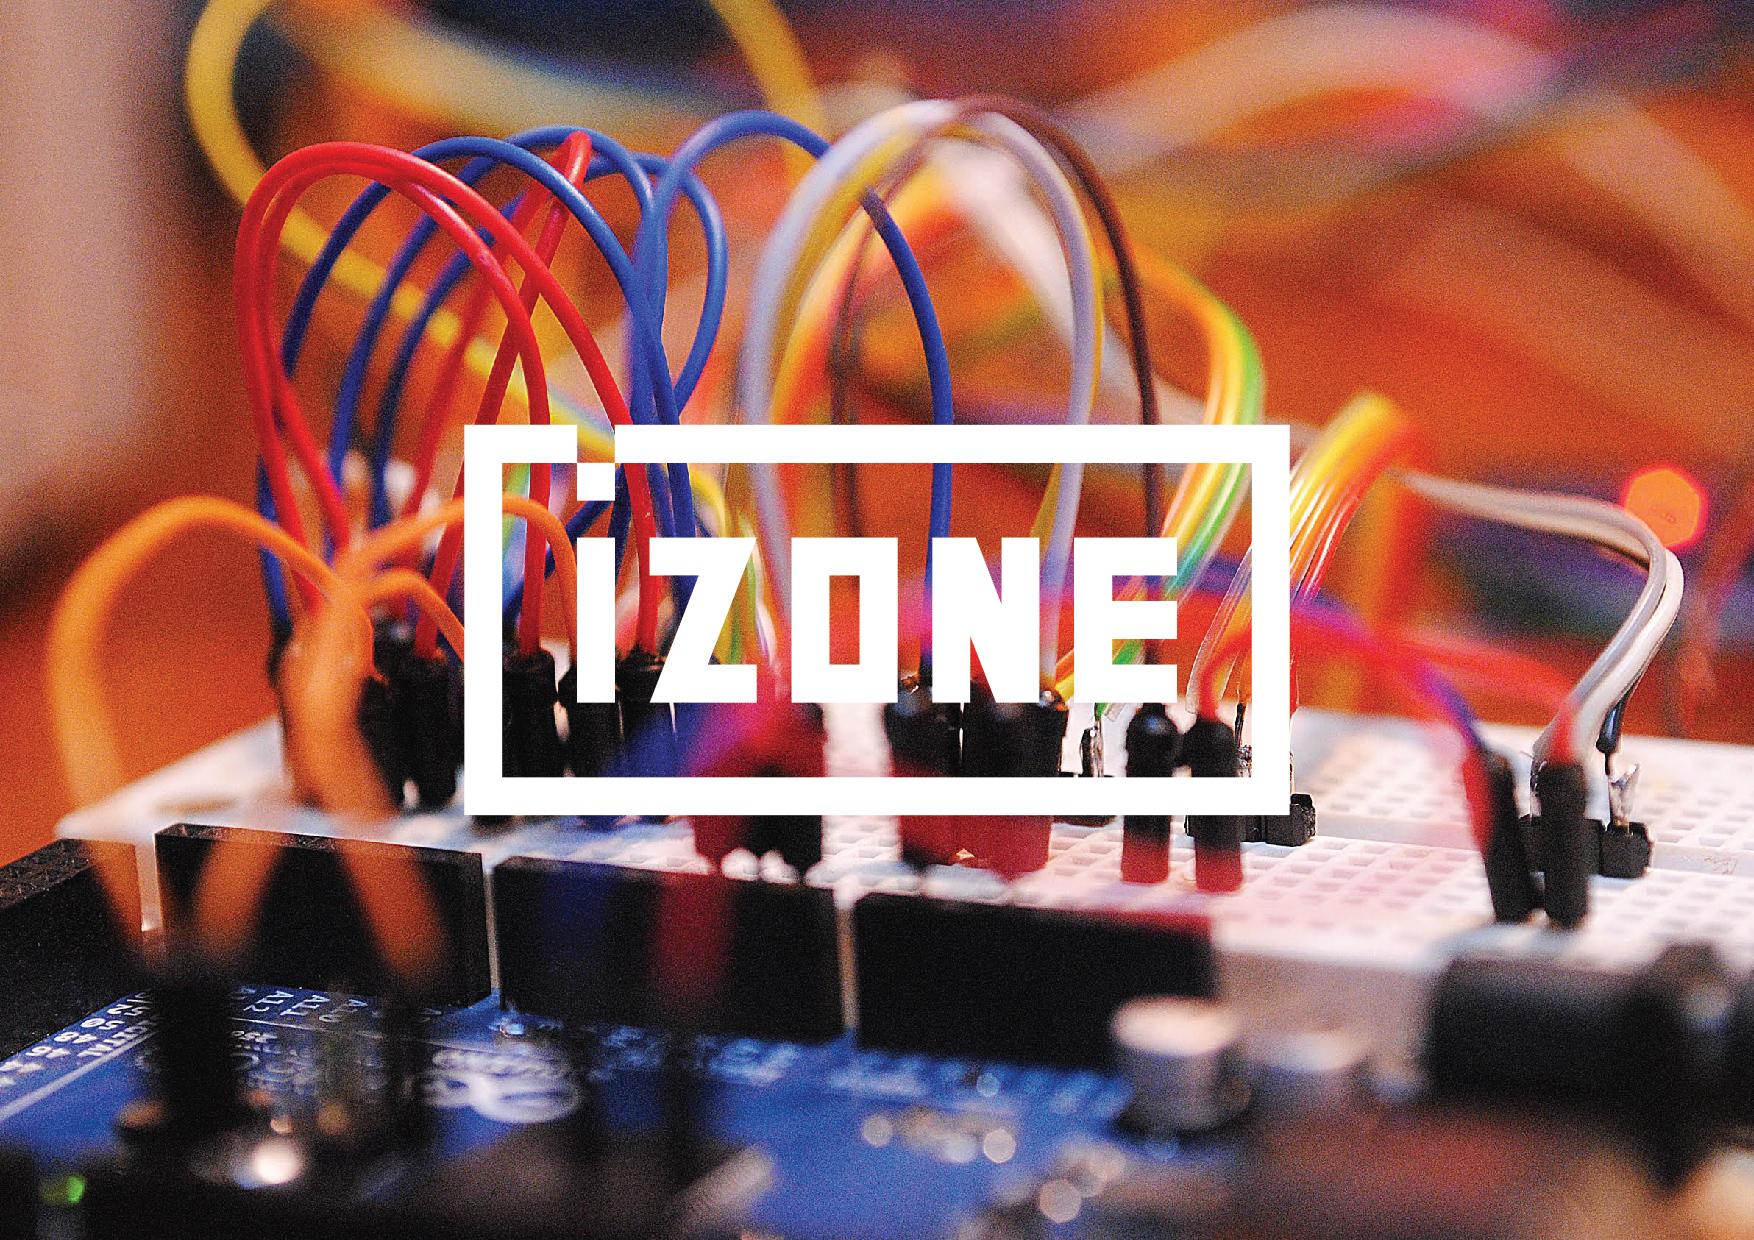 Полезная зона: что такое креативные индустрии и где их найти в Киеве